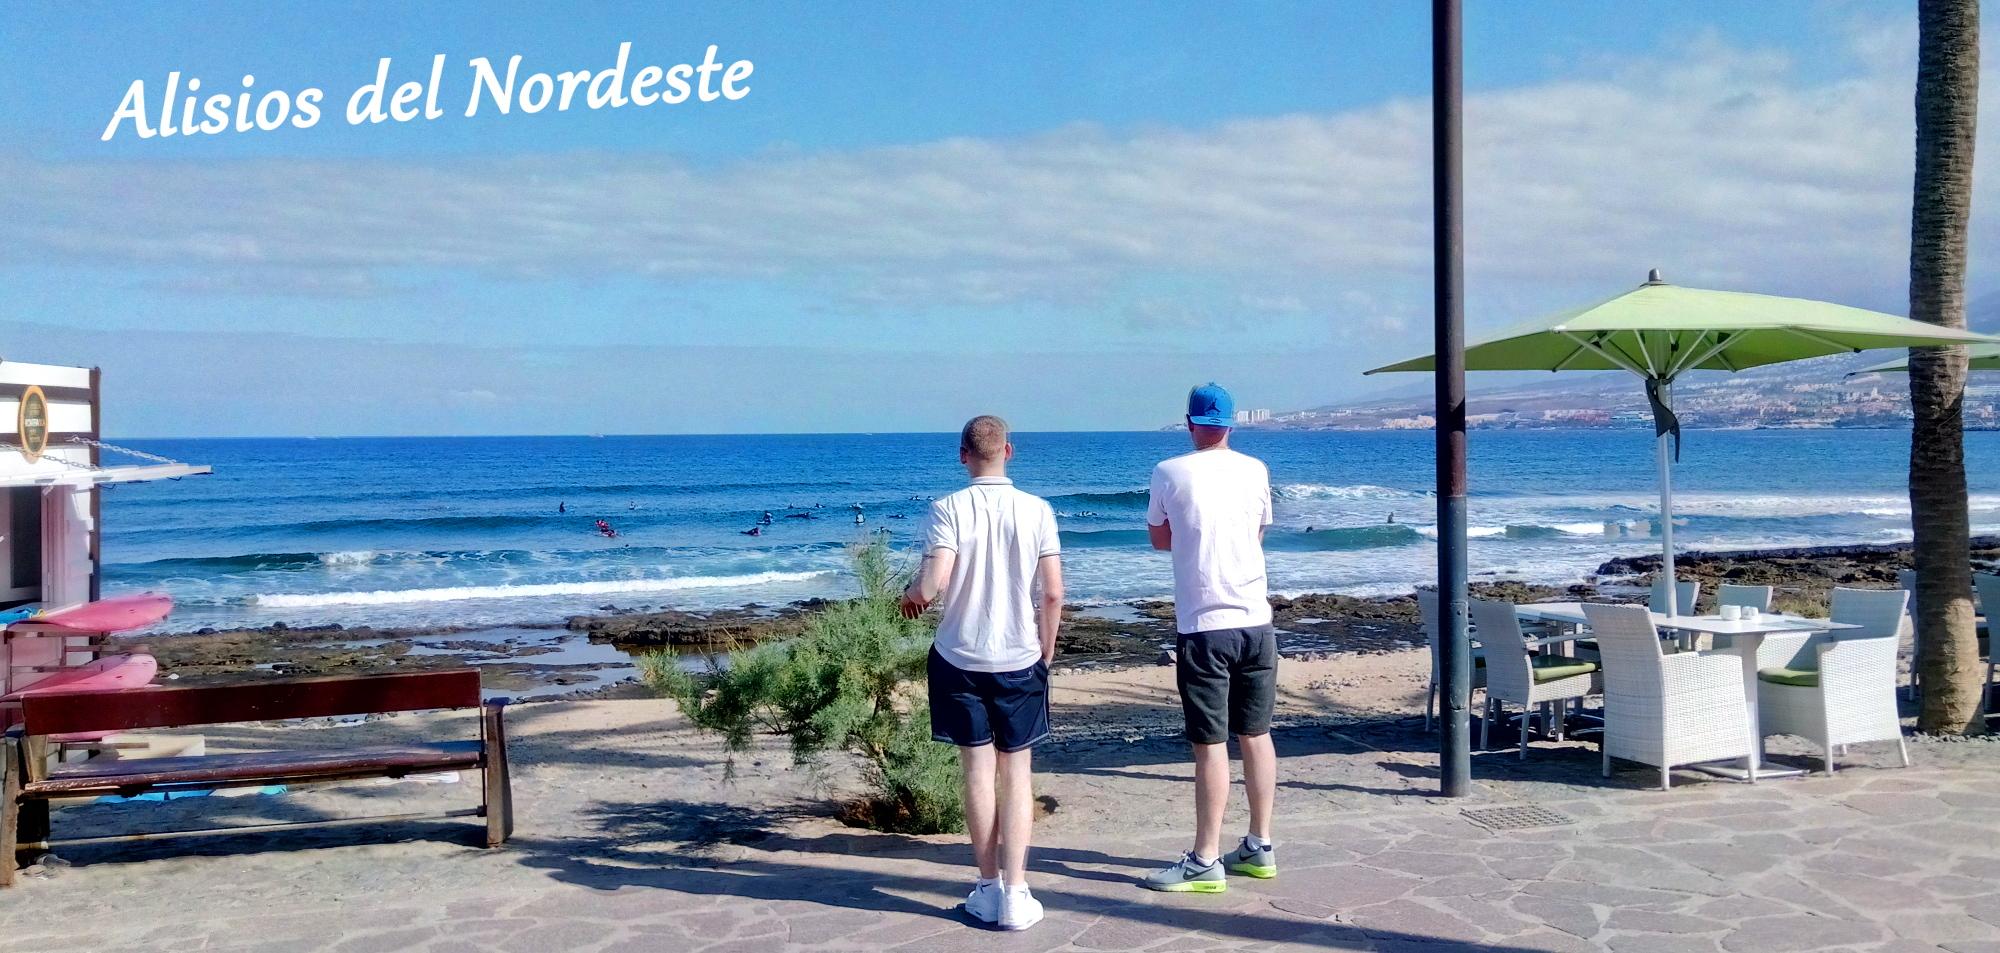 Los turistas británicos de Tenerife preocupados por la caída de la libra esterlina